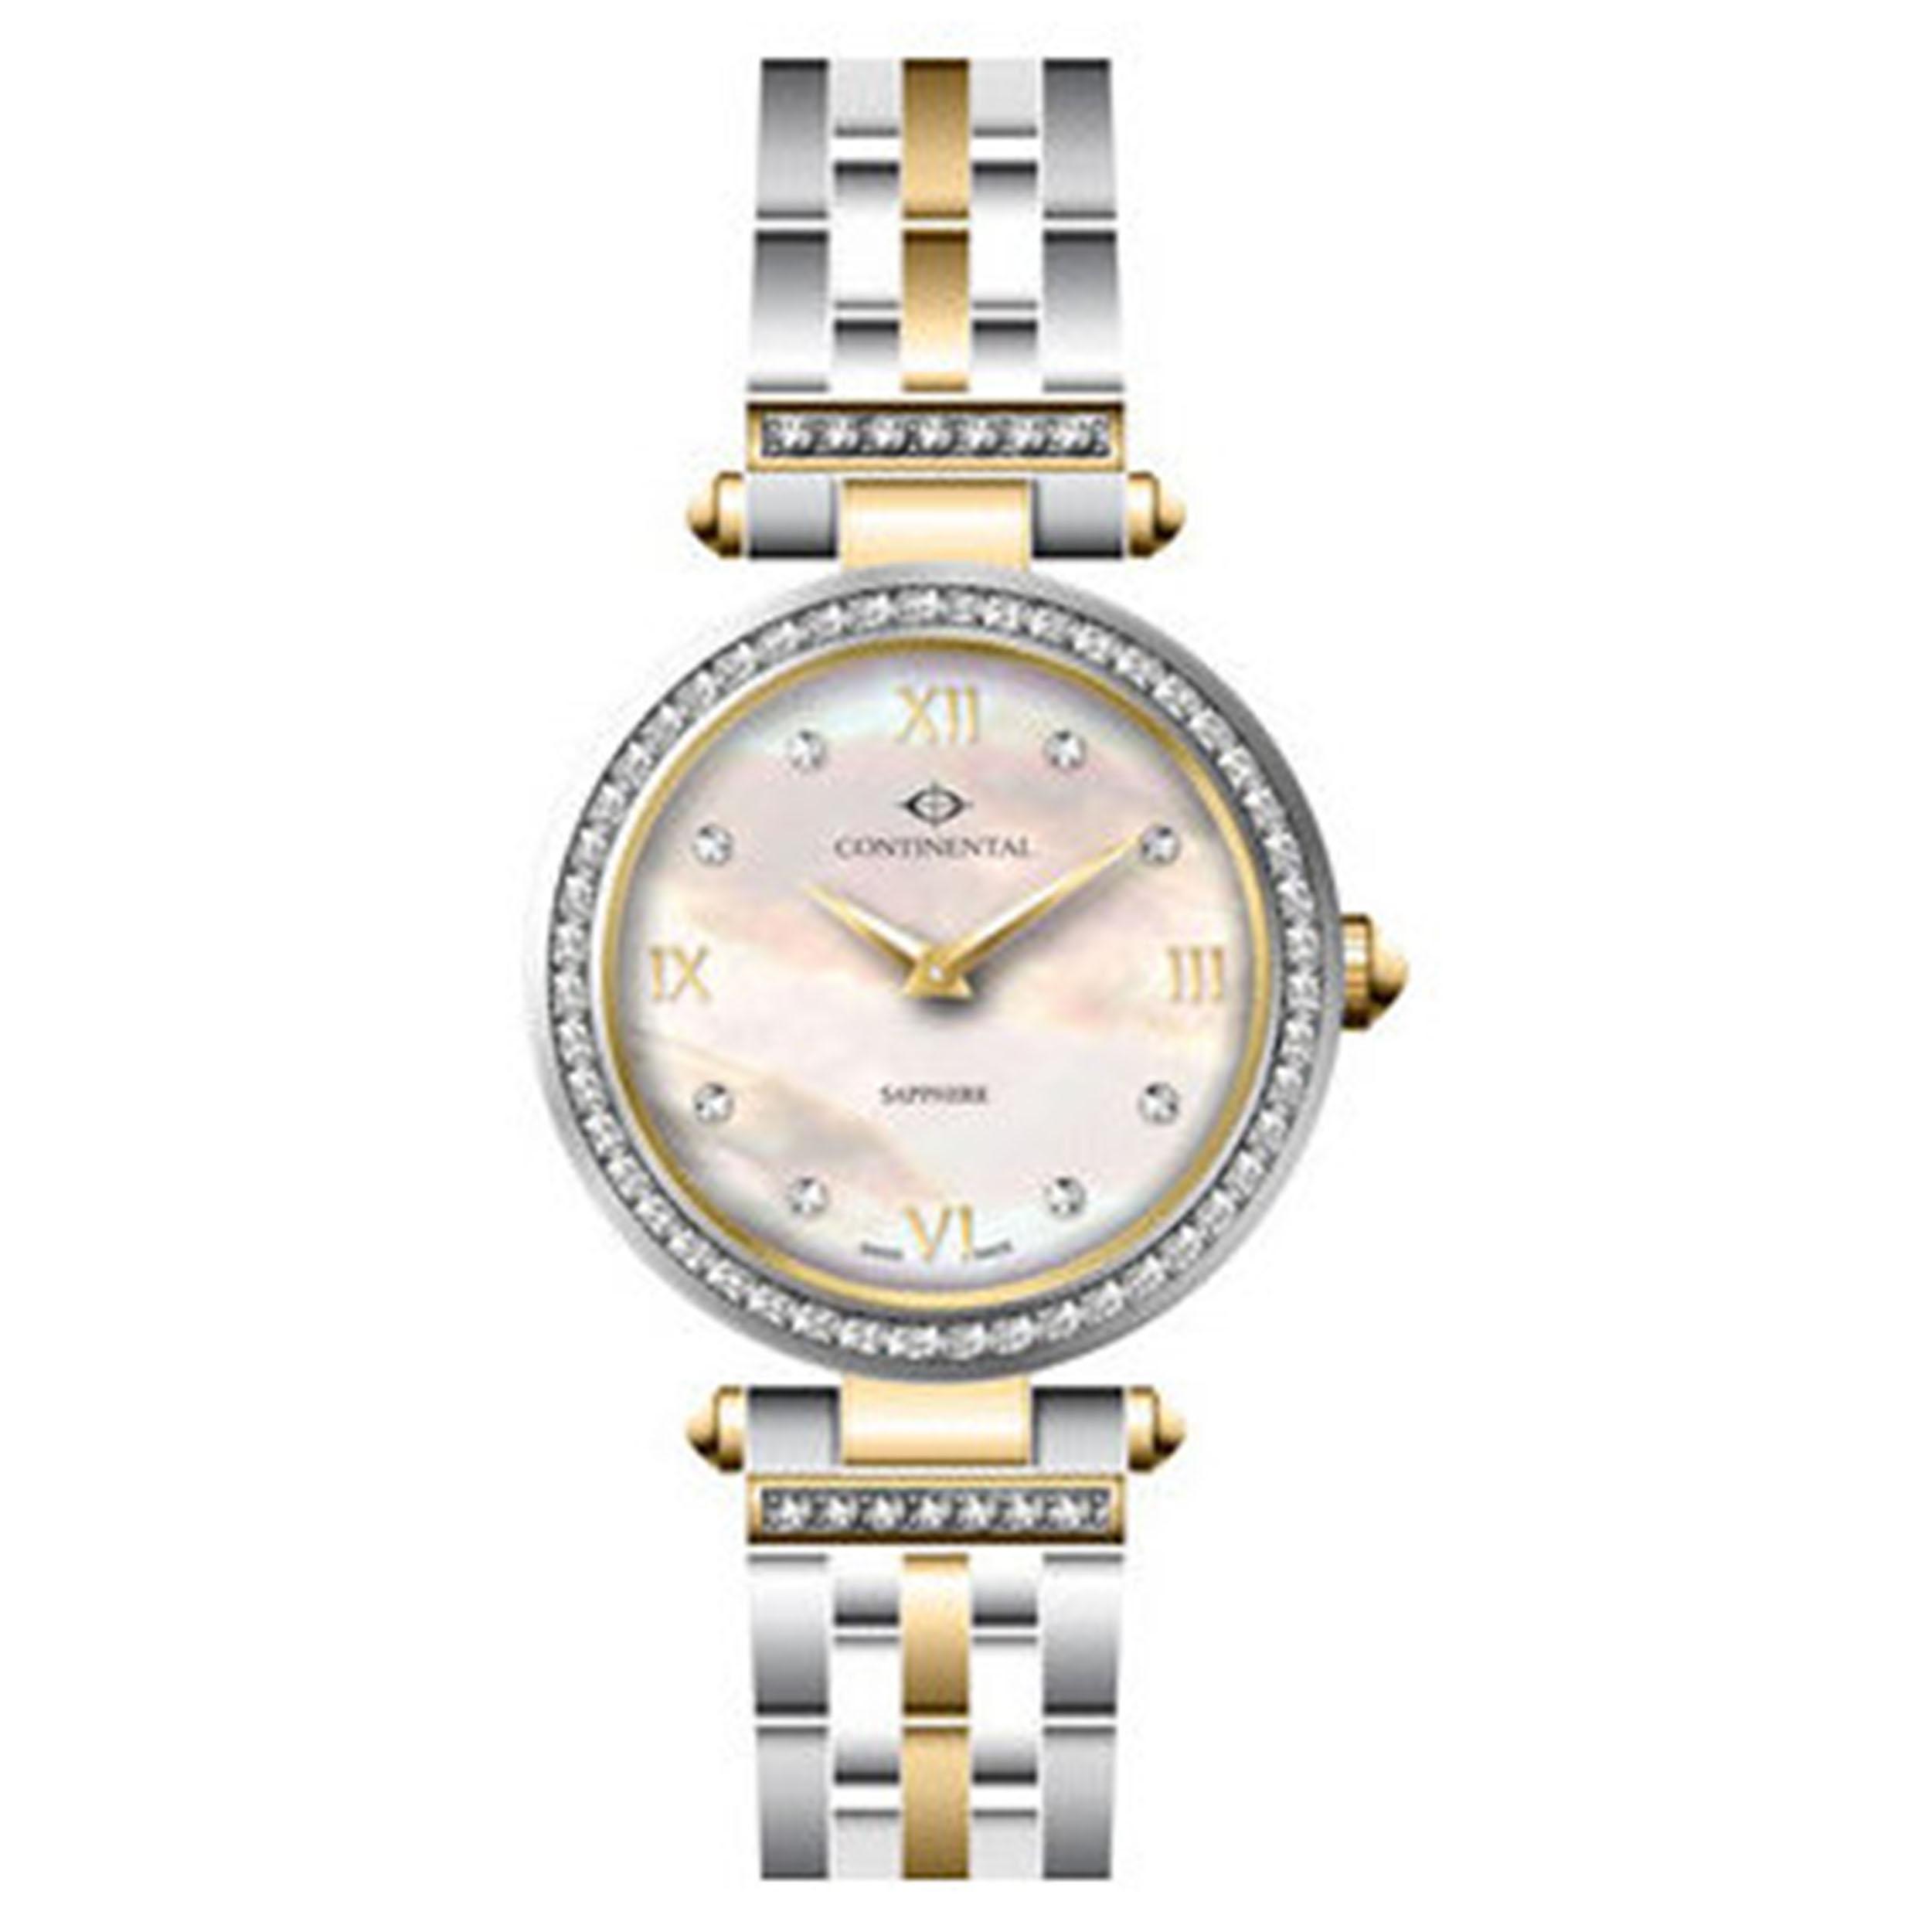 ساعت مچی عقربه ای زنانه کنتیننتال مدل 17004-LT312501